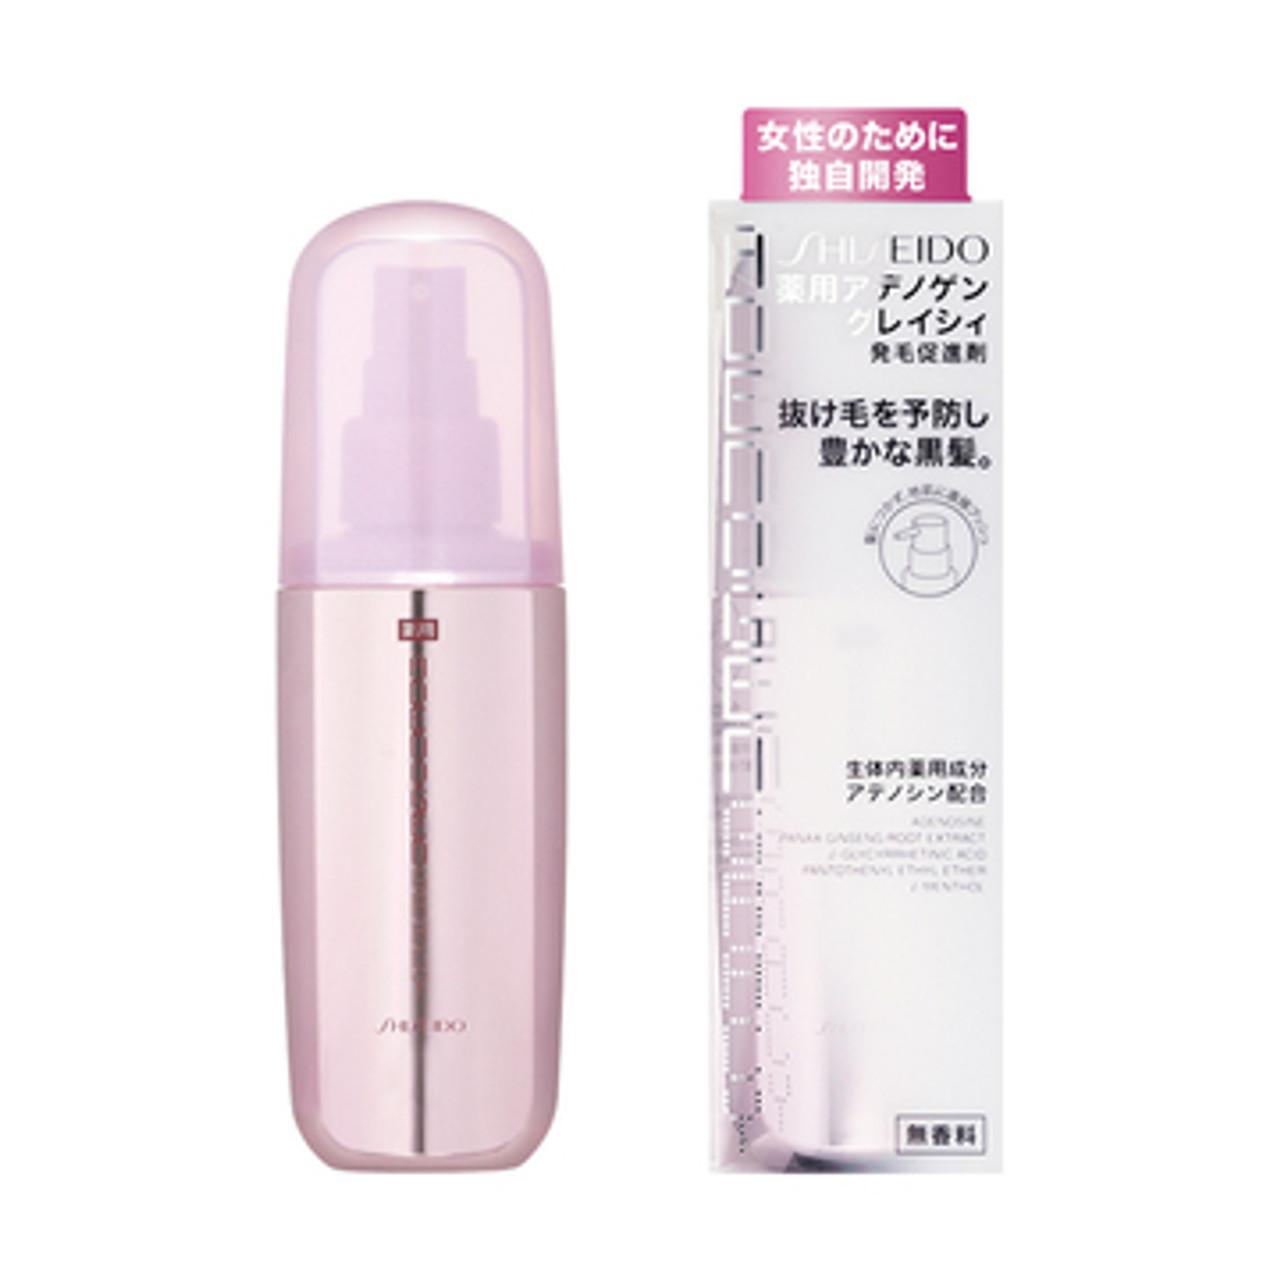 Shiseido Adenogen Gracy Эссенция для роста волос для женщин